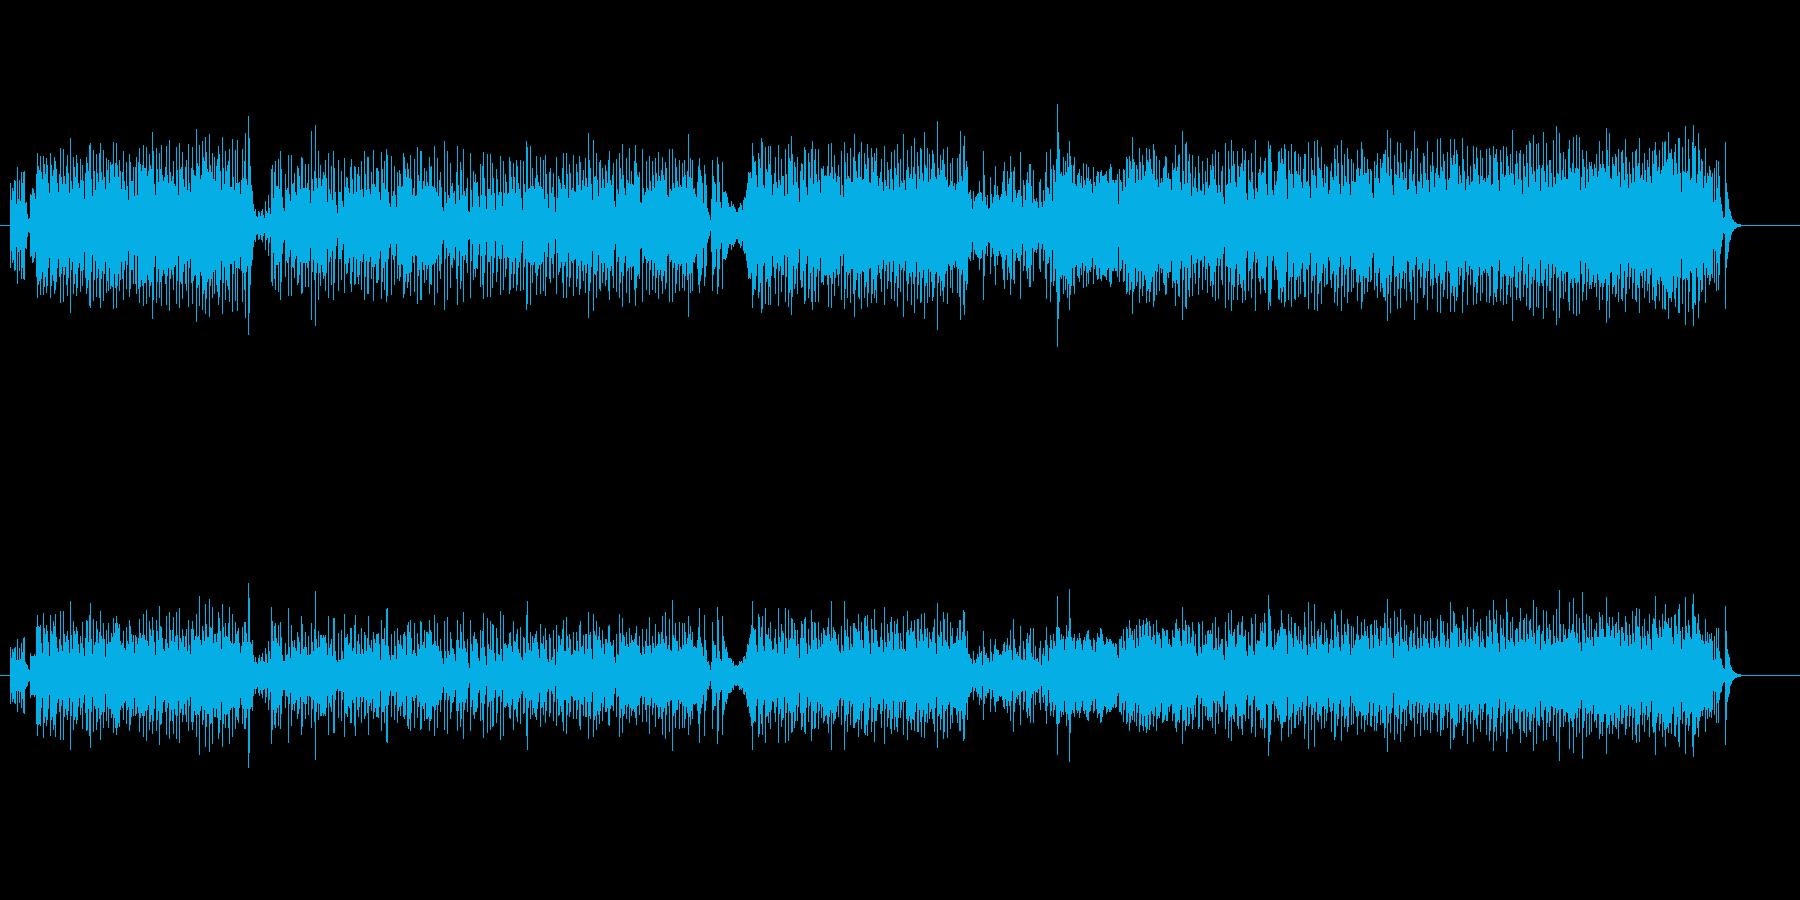 ウキウキ、ブギウギ元気なポップスの再生済みの波形